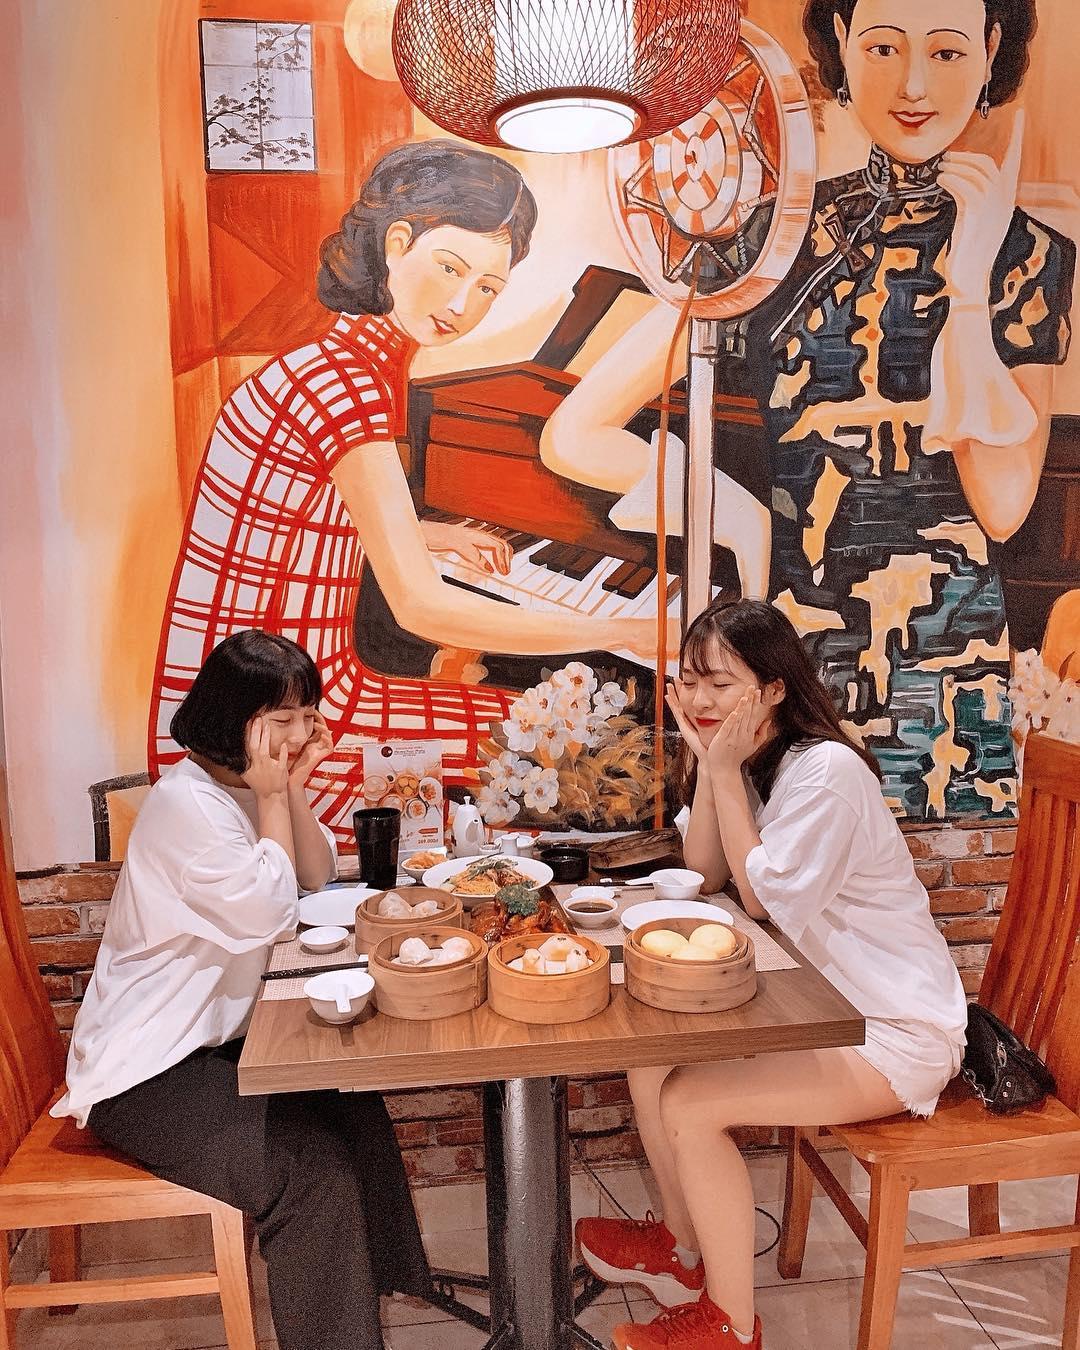 Quán dimsum Đại Hưng có không gian rất ấm cúng, phù hợp cho gia đình và nhóm bạn đến ăn